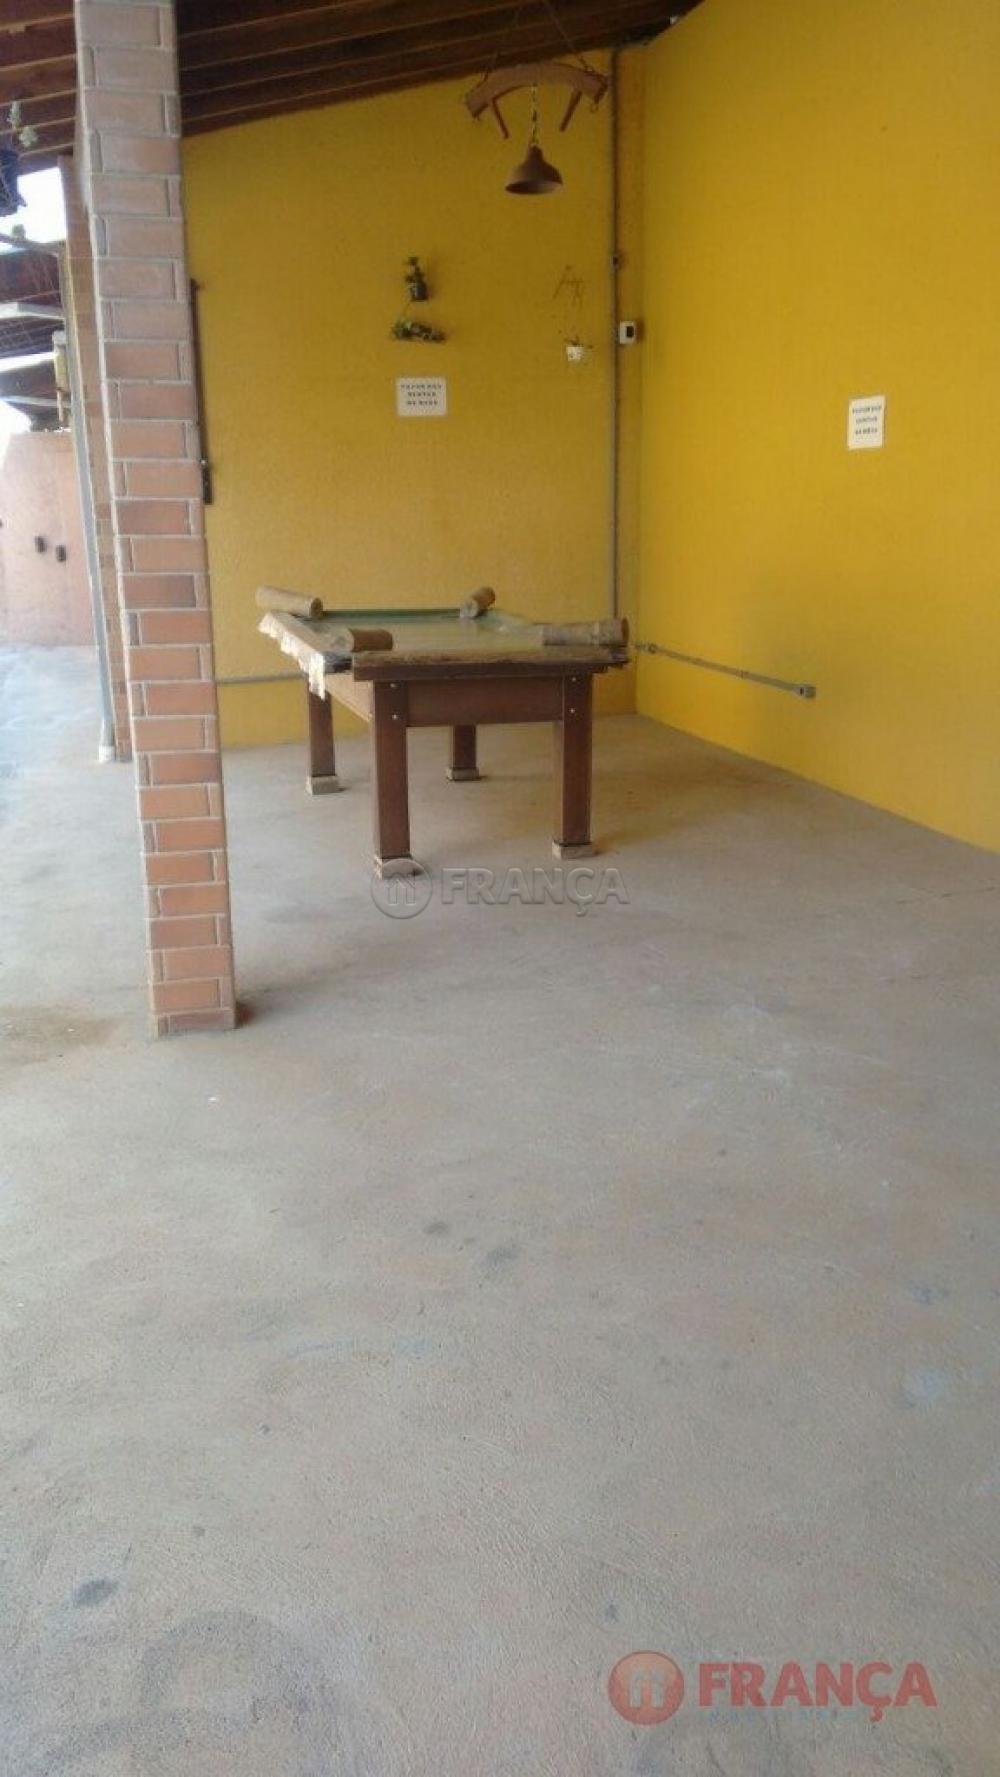 Comprar Rural / Chácara em São José dos Campos apenas R$ 780.000,00 - Foto 19